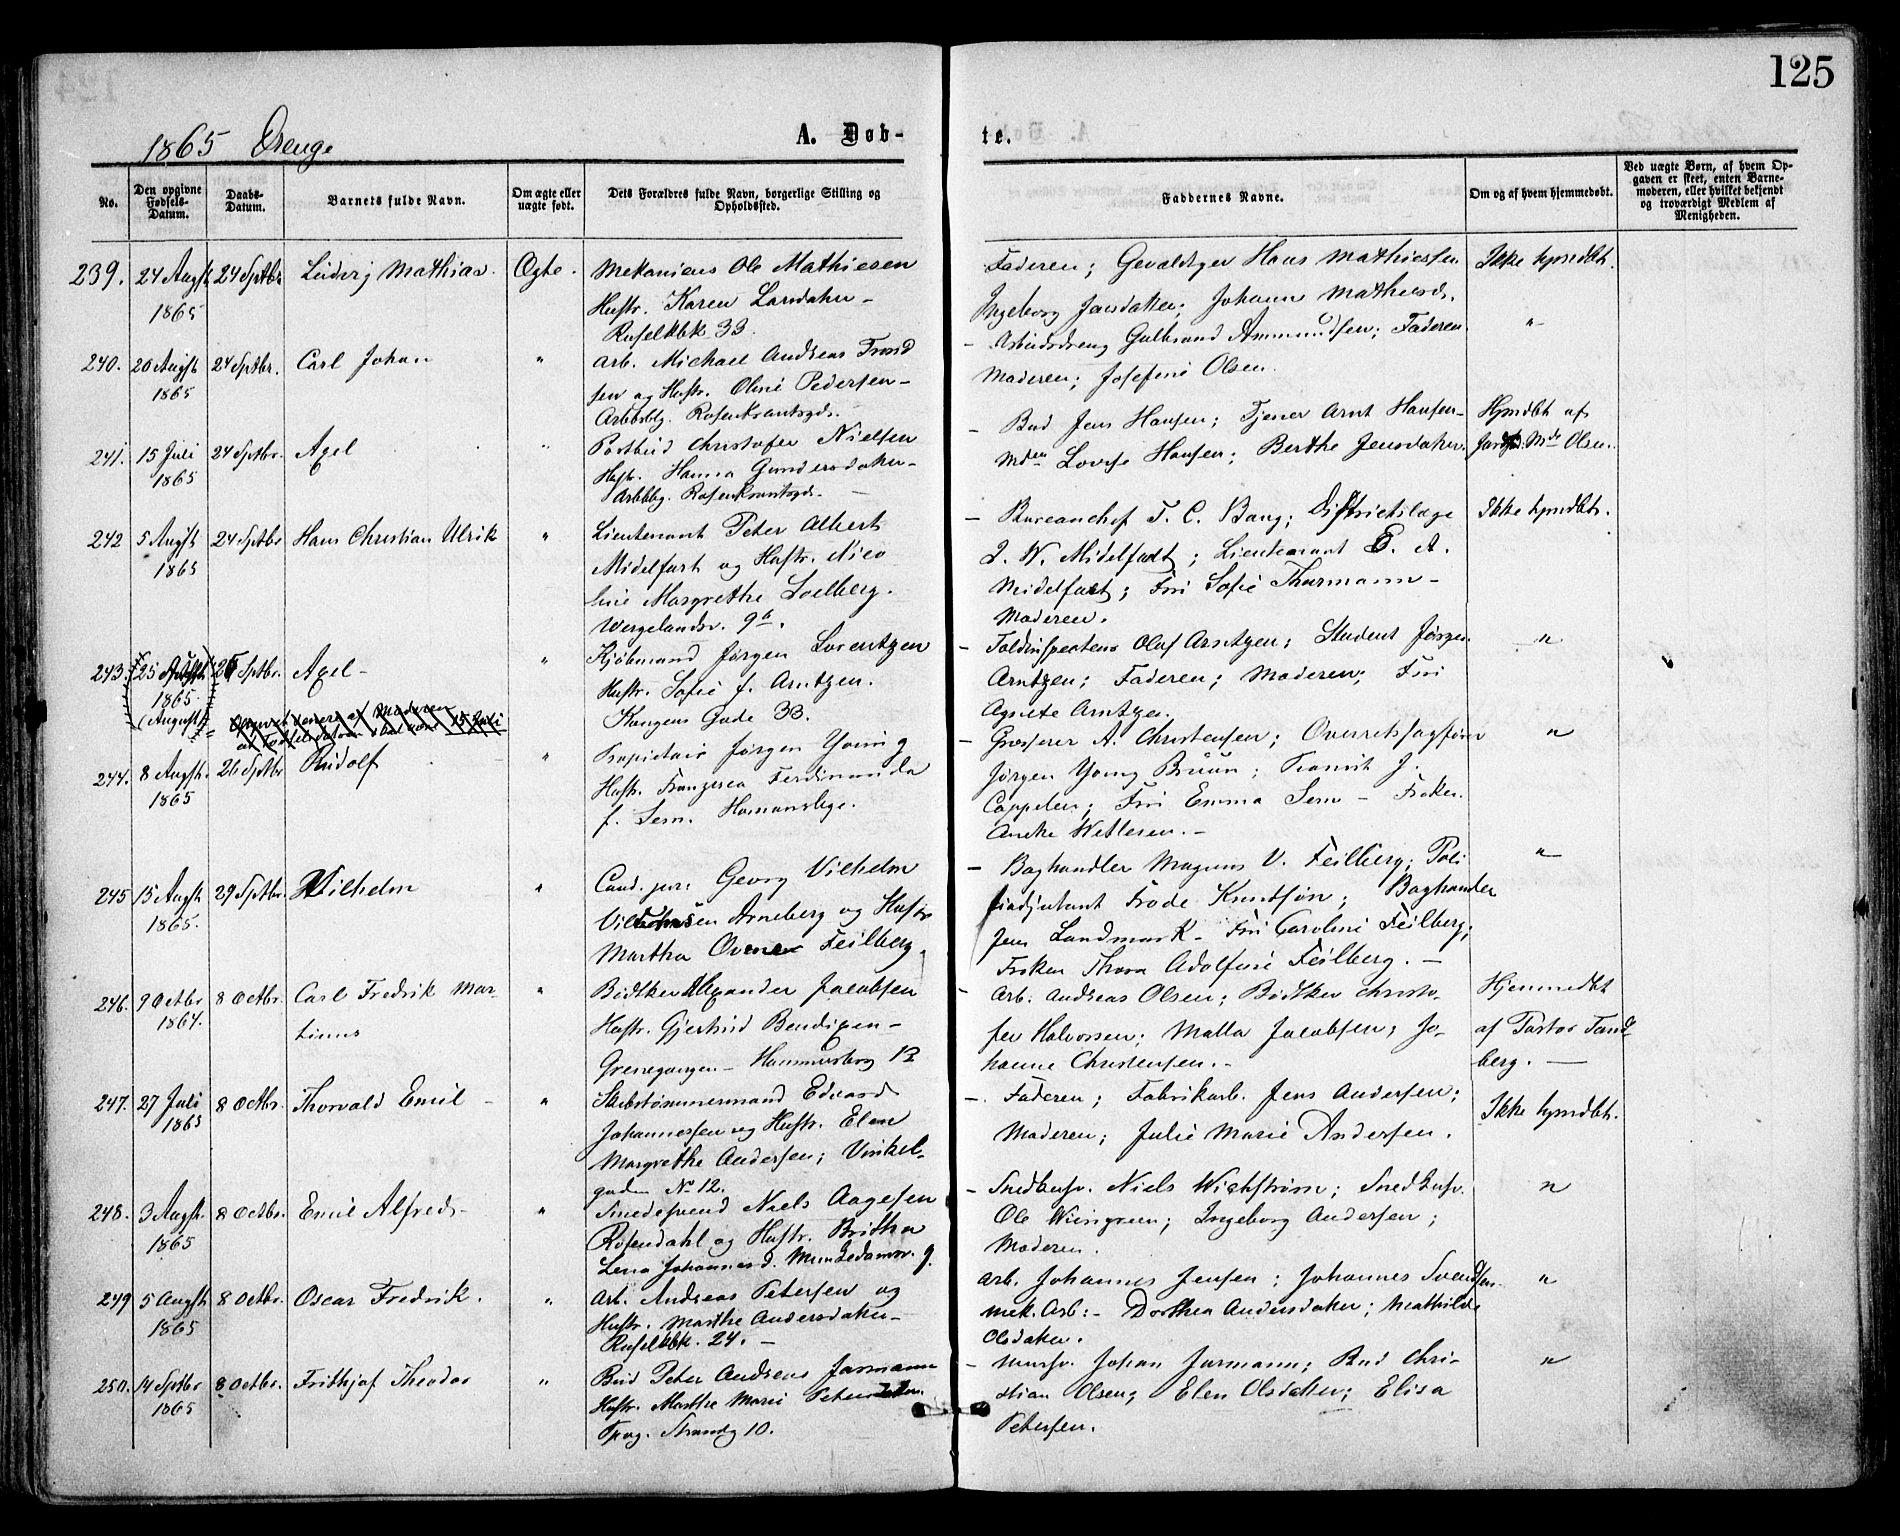 SAO, Trefoldighet prestekontor Kirkebøker, F/Fa/L0002: Ministerialbok nr. I 2, 1863-1870, s. 125